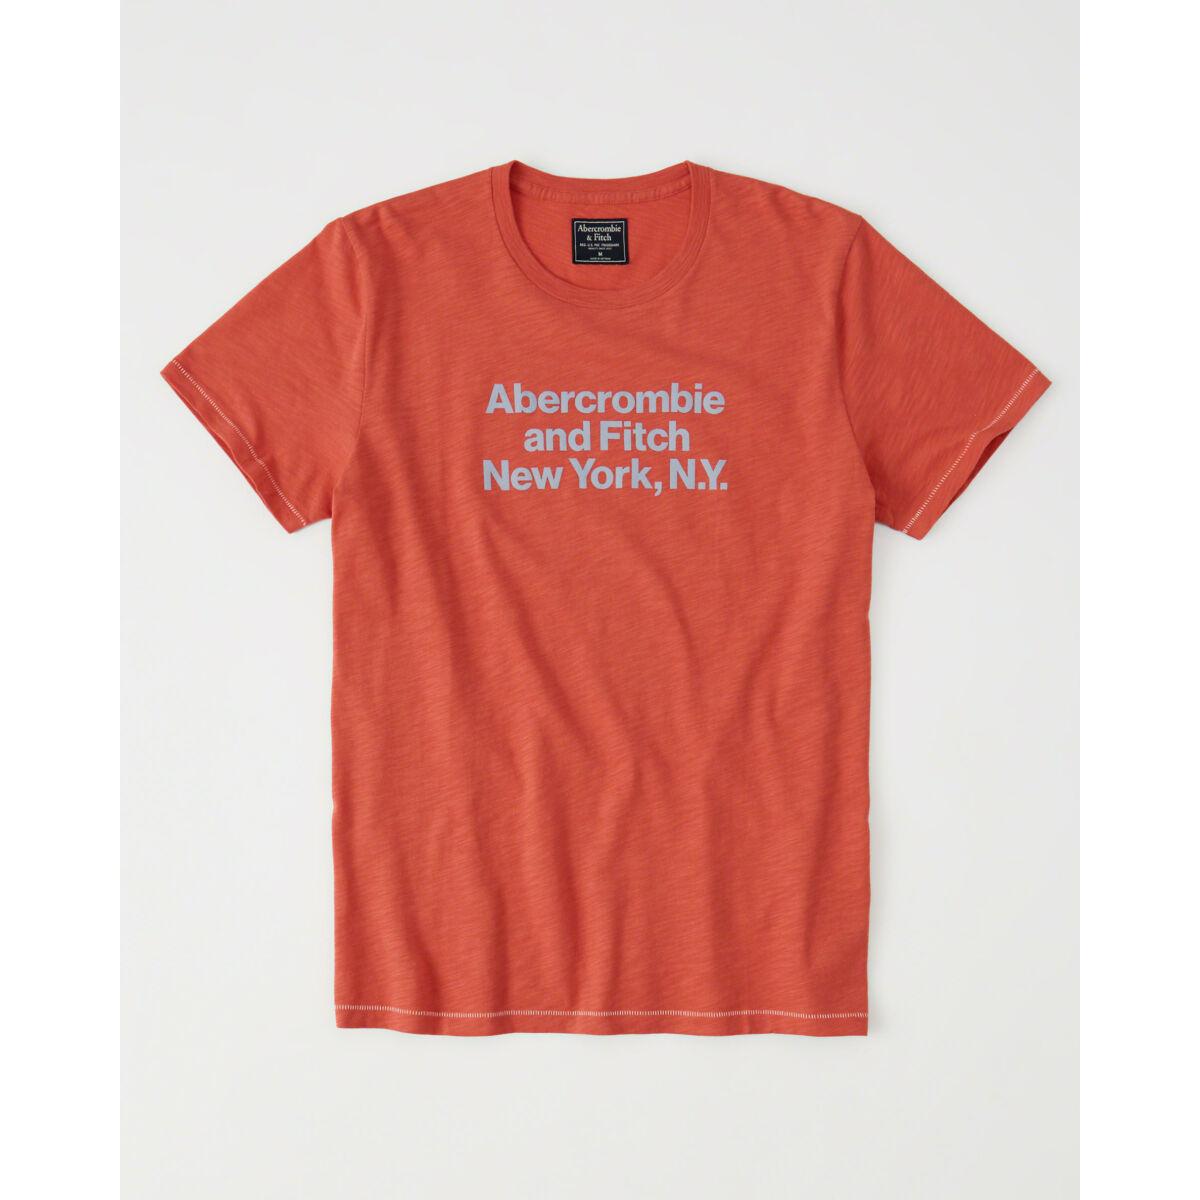 8d7c69905e Abercrombie póló - Abercrombie & Fitch